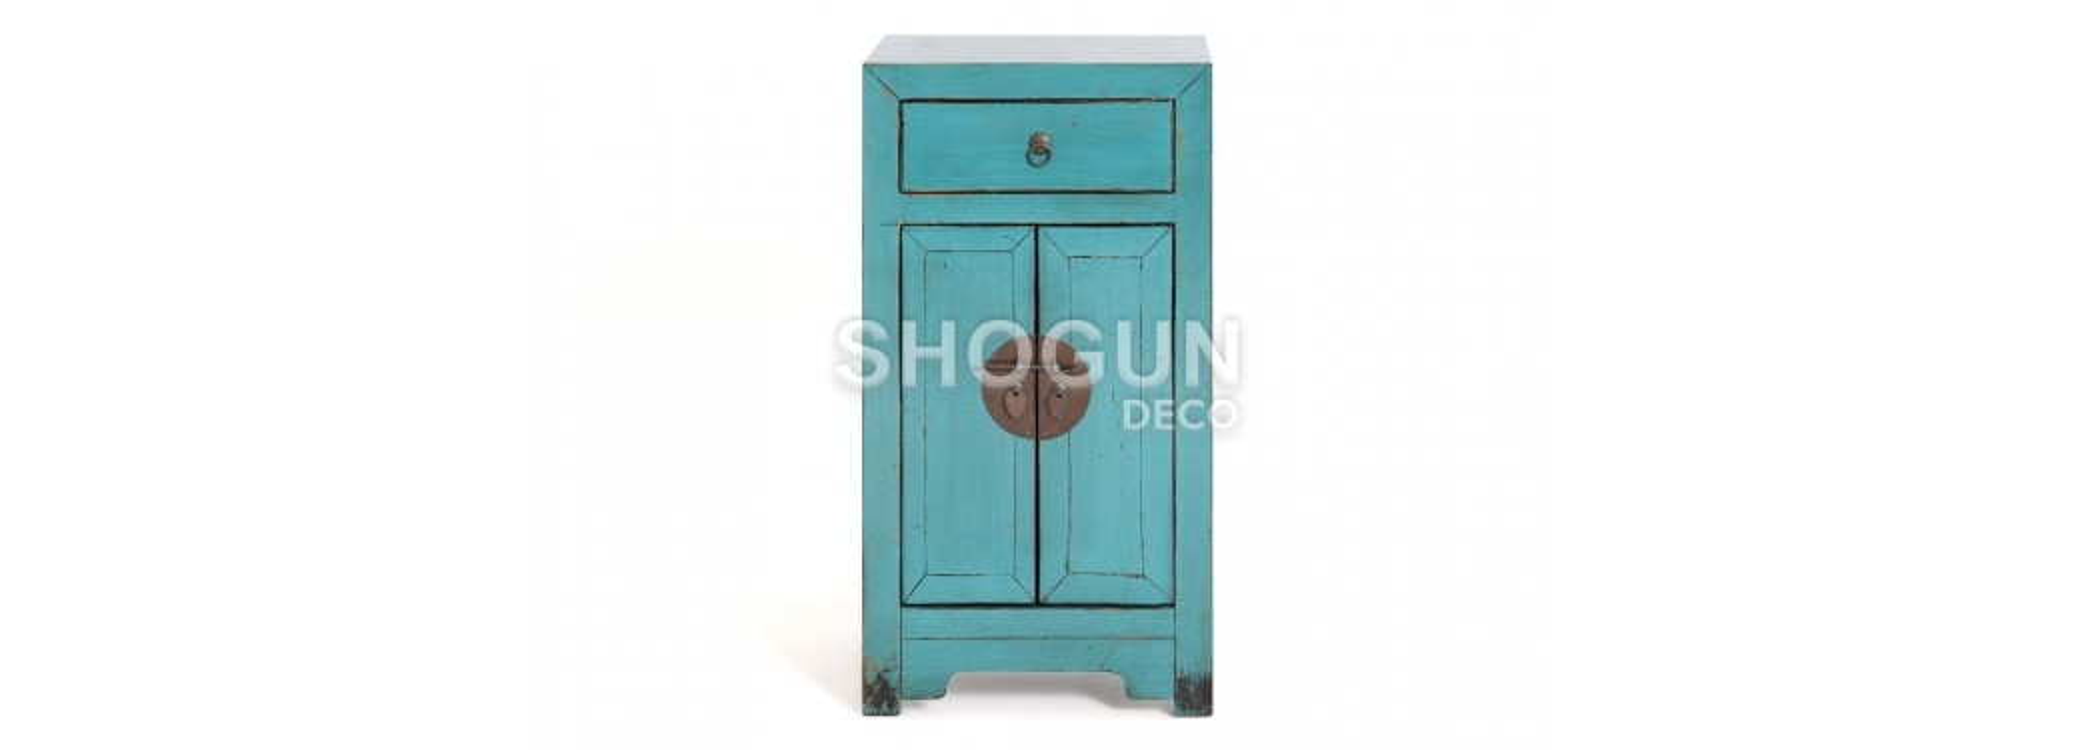 Meuble d'appoint Chinois - 2 portes 1 tiroirs - Bleu lagon